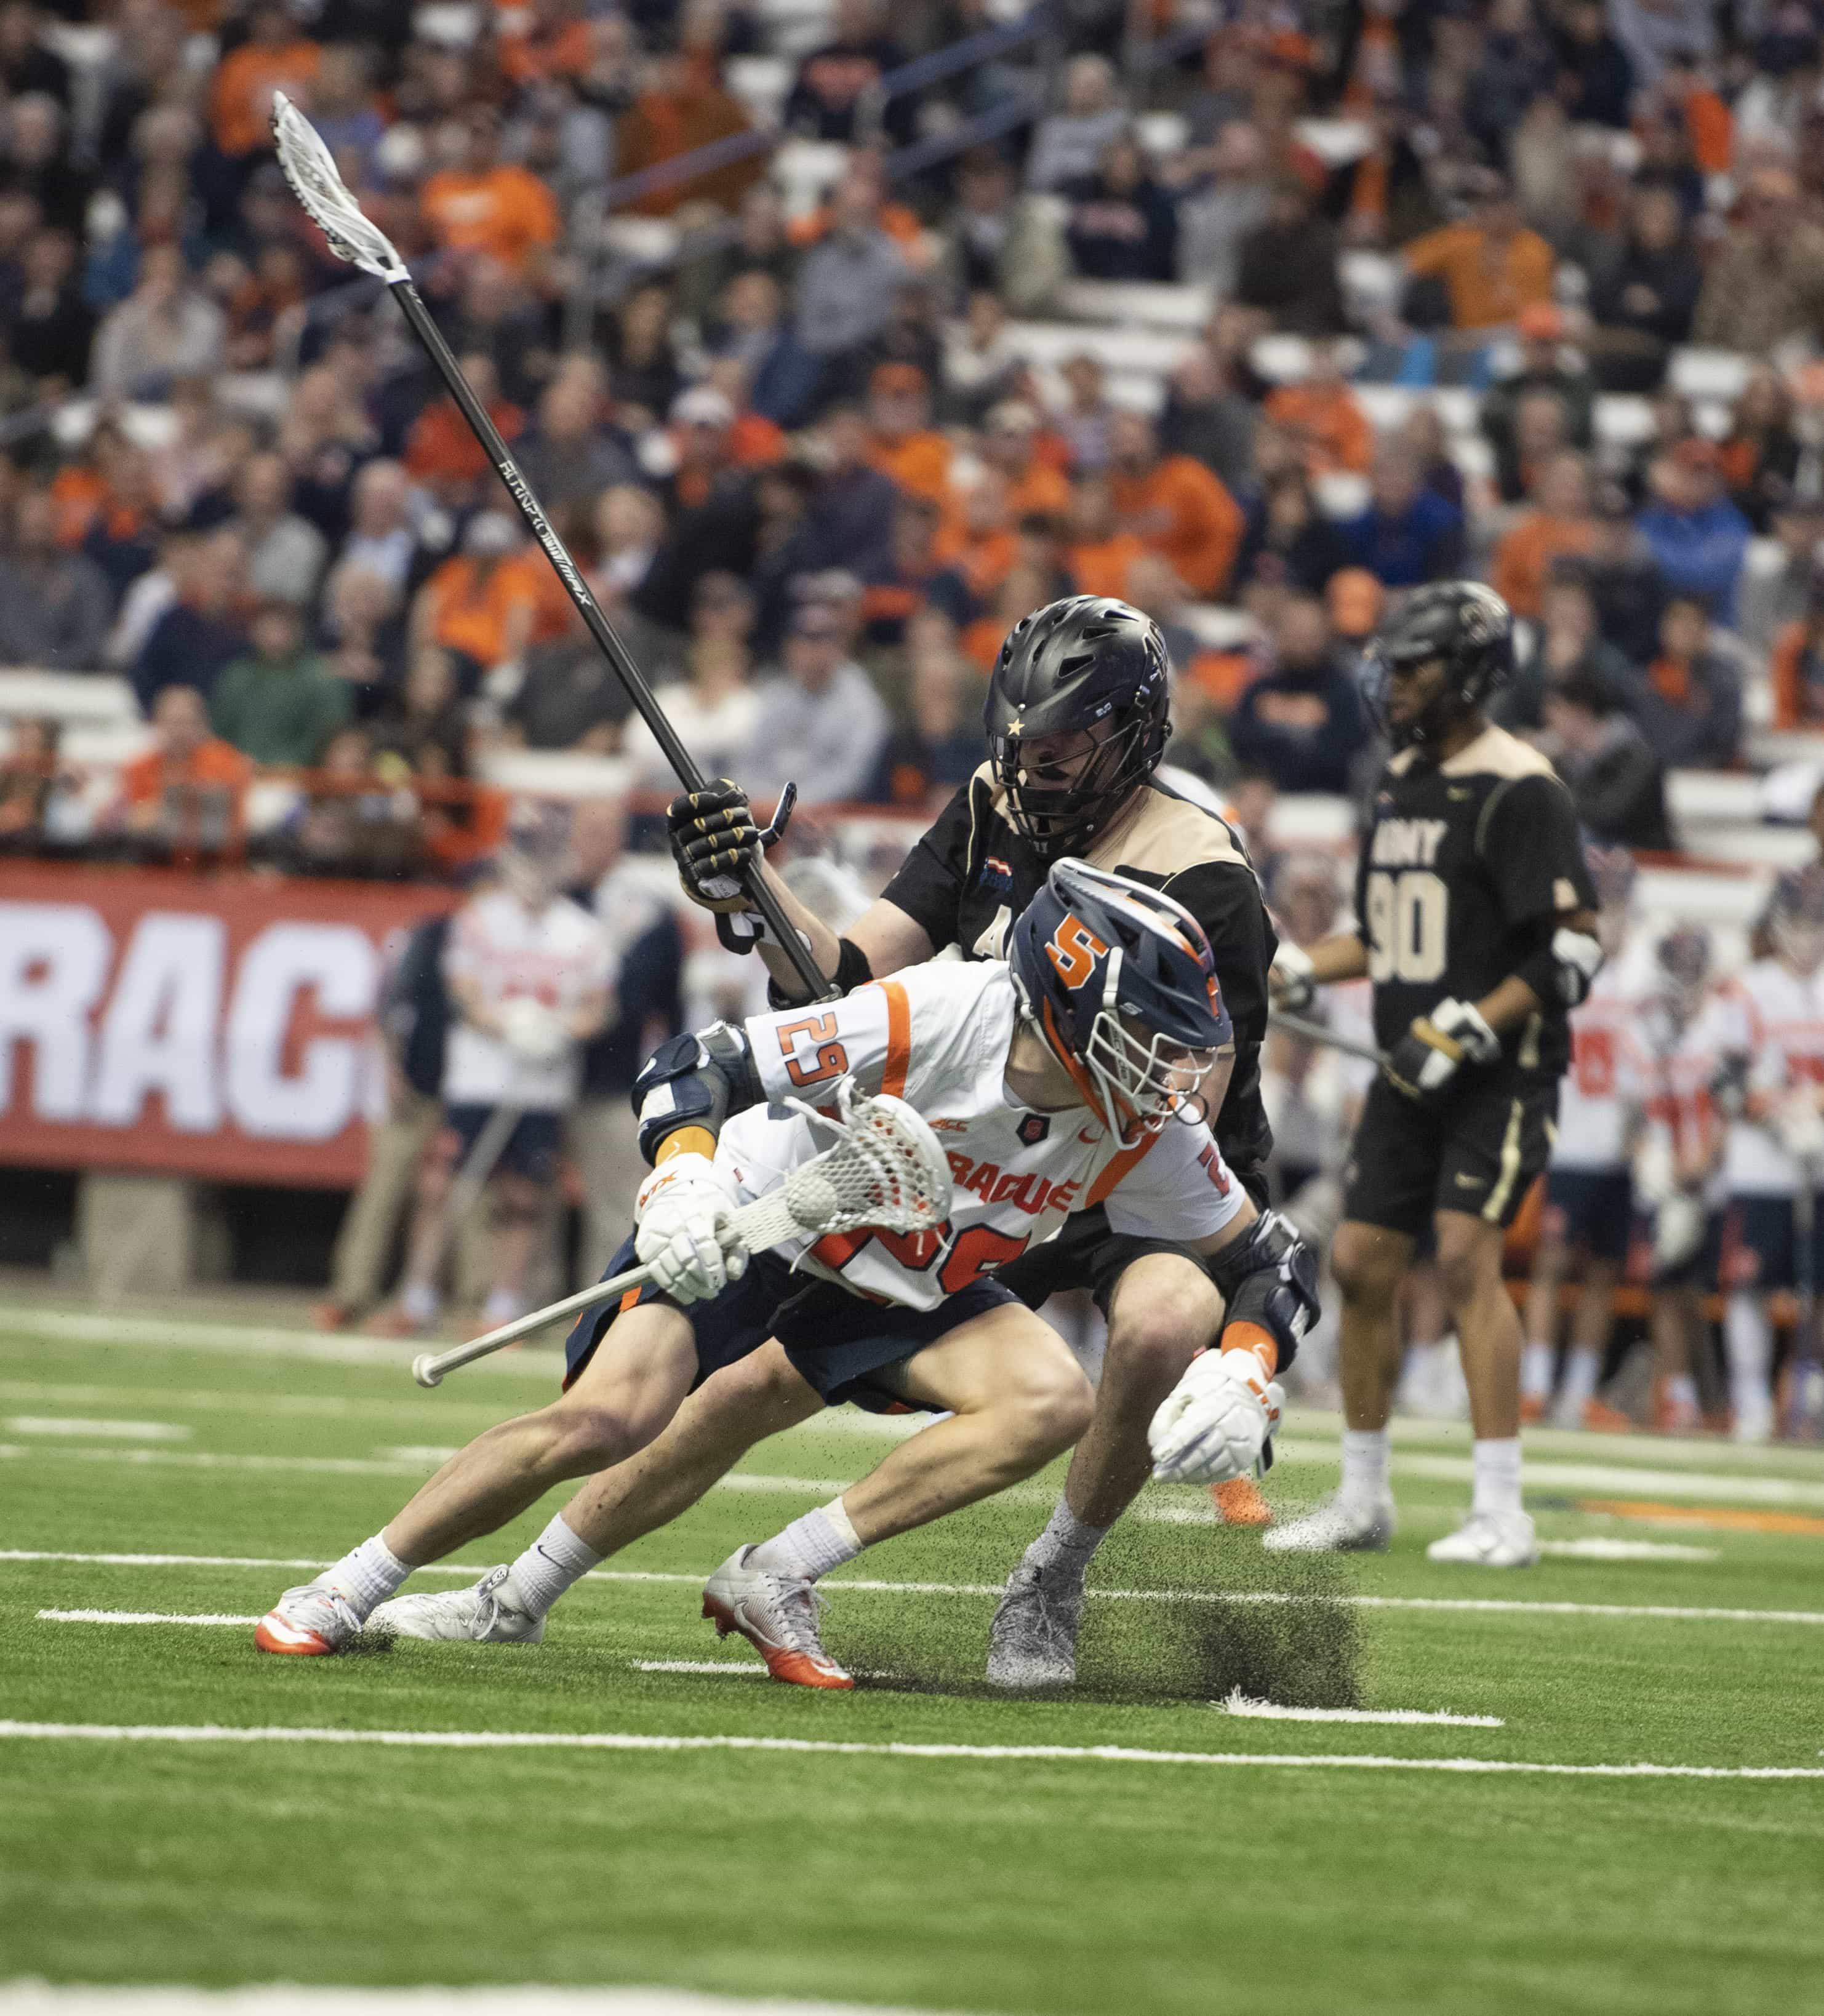 Junior Stephen Rehfuss maneuvers around a defender.